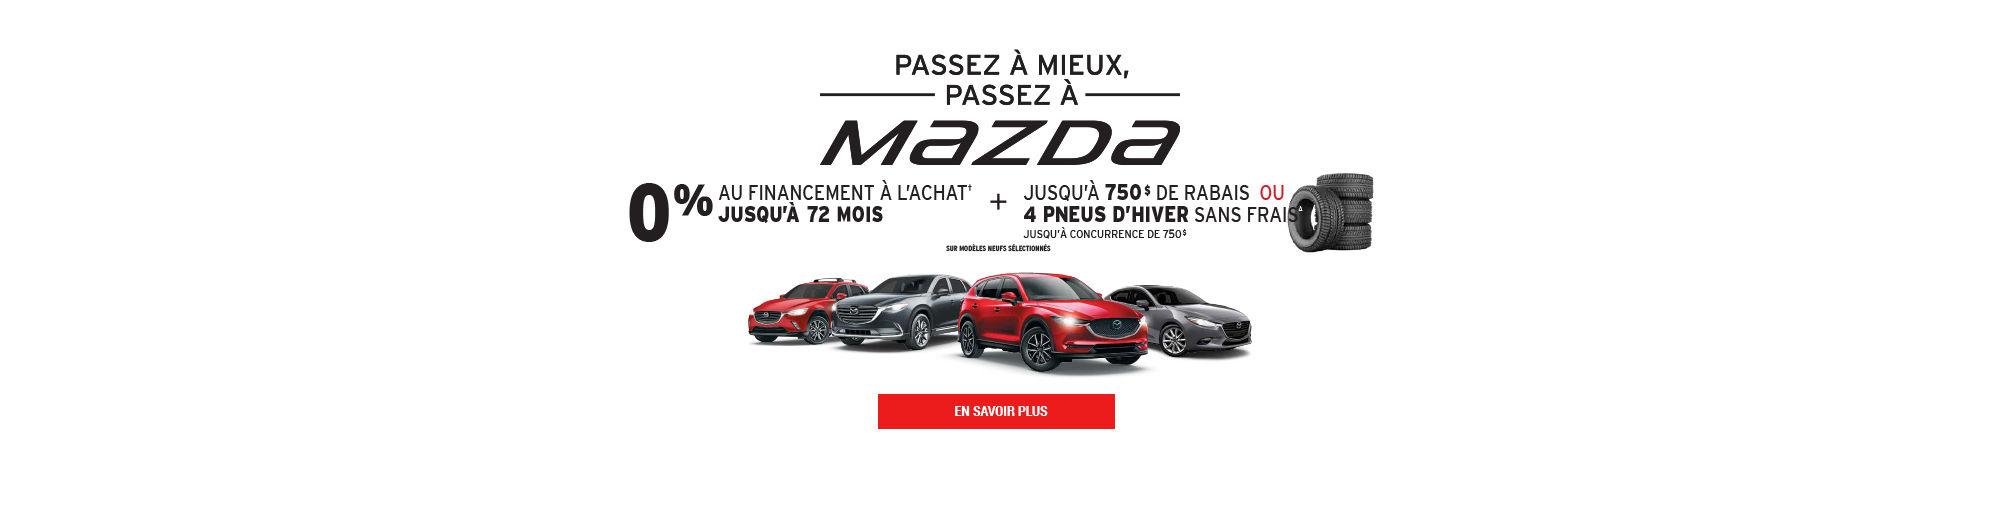 SEPTEMBRE_0% financement achat  Main Header MAZDA